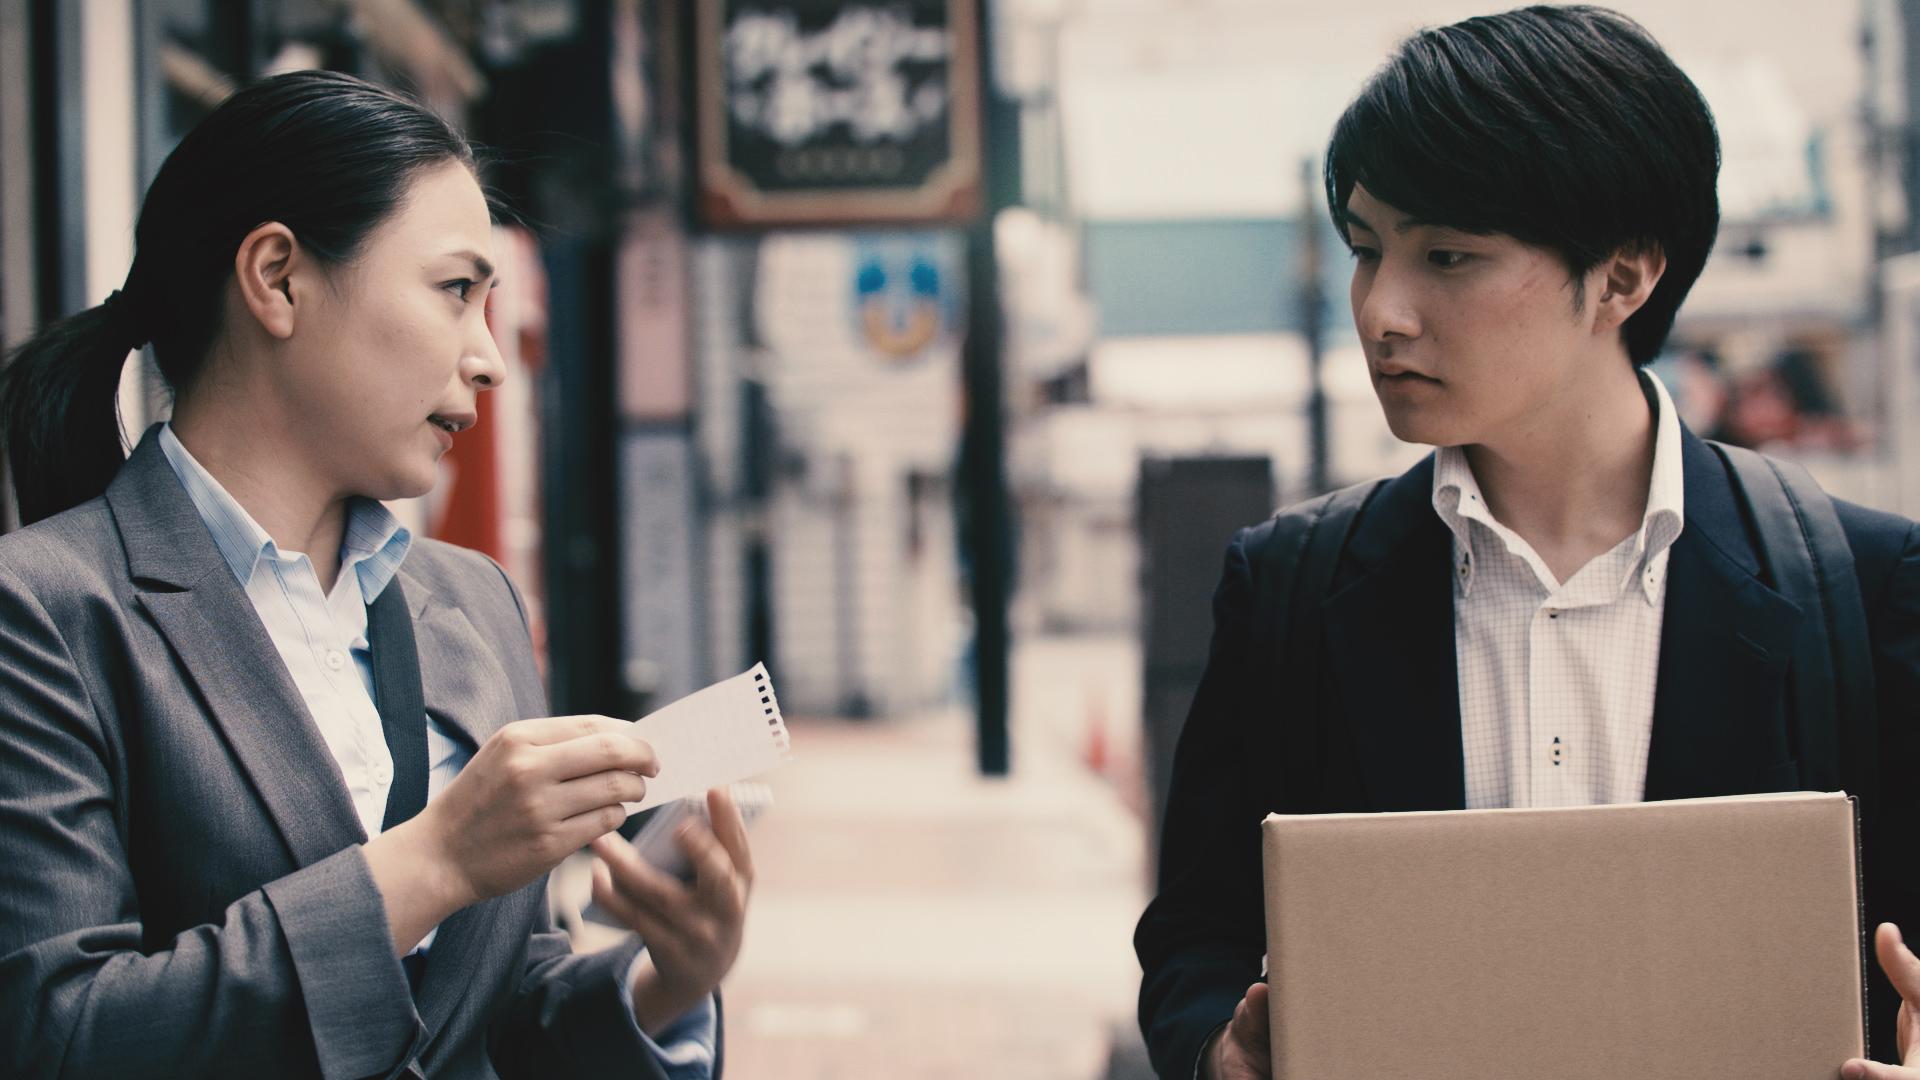 聞き込み|The Legwork | 富澤たけし | Takeshi Tomizawa | 0:23:00 | コメディー | 2018 | 日本    サンドウィッチマンのお笑い作品を映画化。ネタそのものは短い作品ですが、シリ アスでアクションシーンもある刑事ドラマになりました。若い刑事の犯人を追い 詰める姿と、先輩女性刑事へのちょっぴり淡い恋模様。そしてサンドウィッチマン の伊達さんのアドリブ満載の演技にも注目してください。